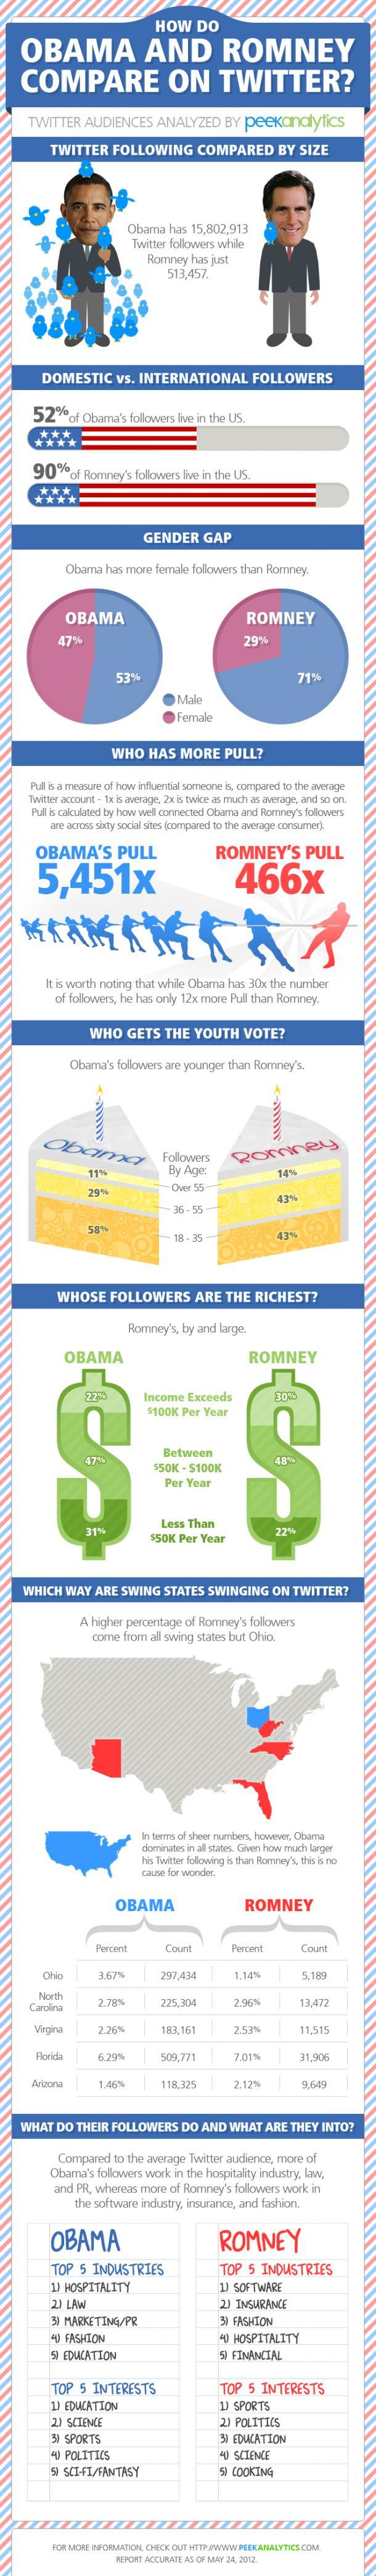 Infografía en inglés sobre la batalla entre Obama y Romney en las redes sociales.